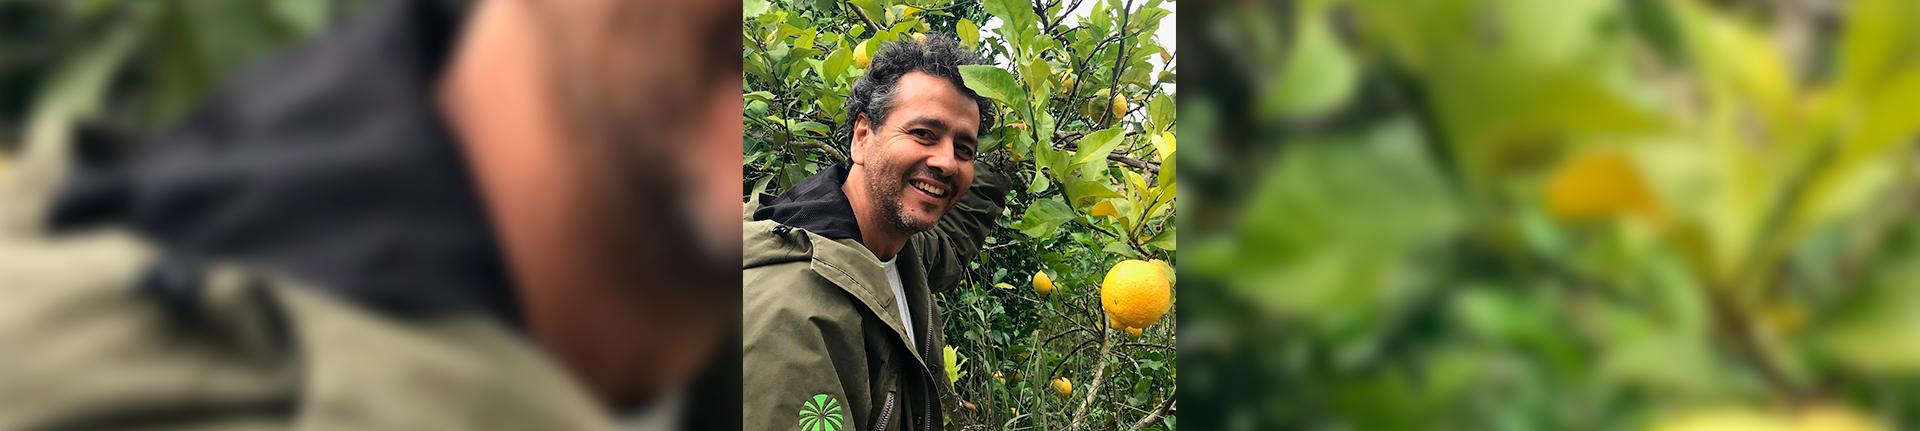 Vale das Palmeiras, orgânicos do ator Marcos Palmeira